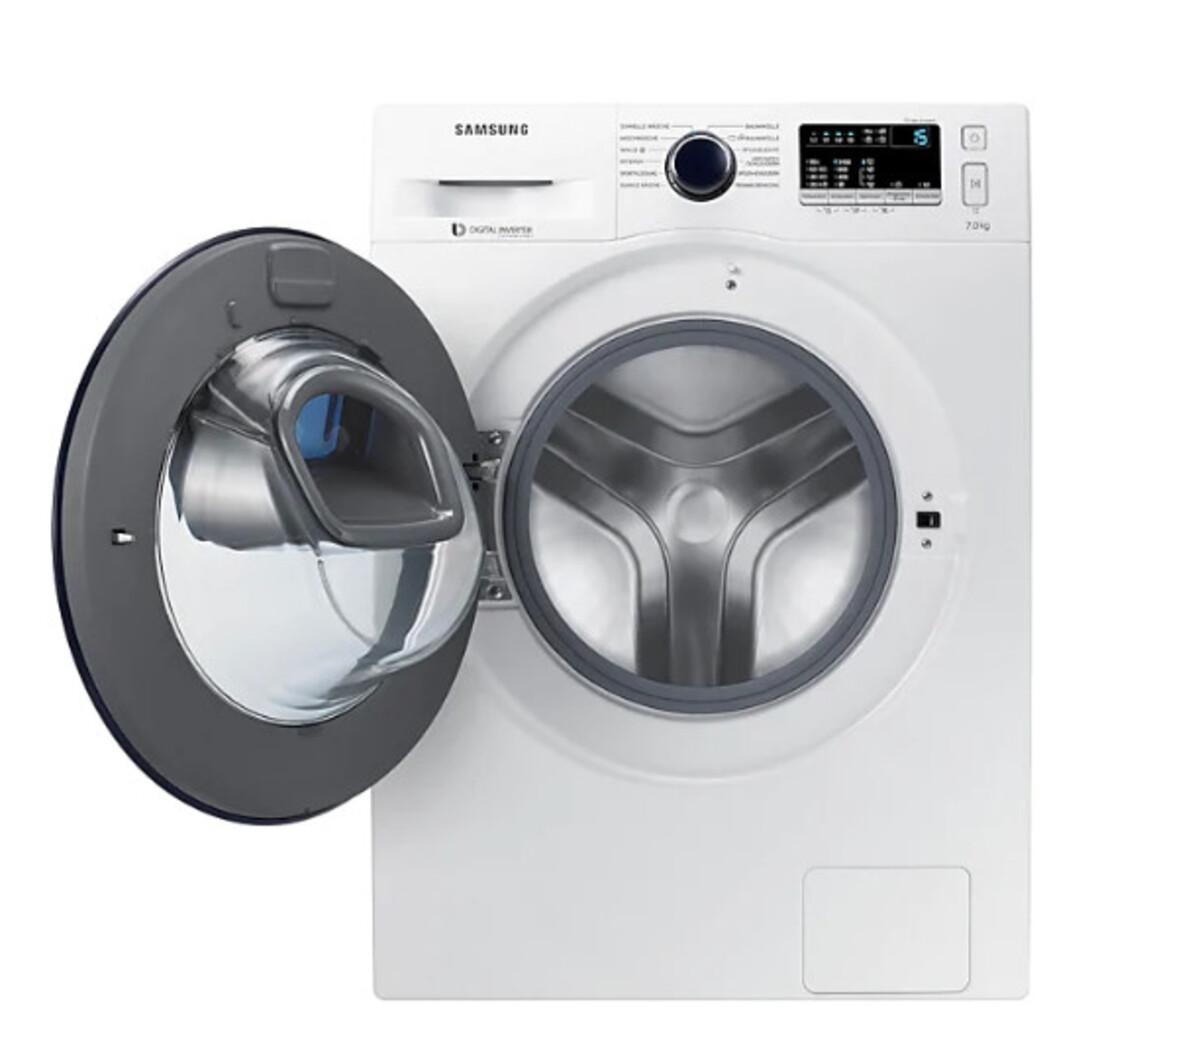 Bild 2 von Samsung Waschmaschine WW4500 WW70K44205W/EG (Energieeffizienzklasse A+++, 7 kg, 1.400 U/min, Diamond Pflegetrommel, Smart Check, weiß, Frontlader)